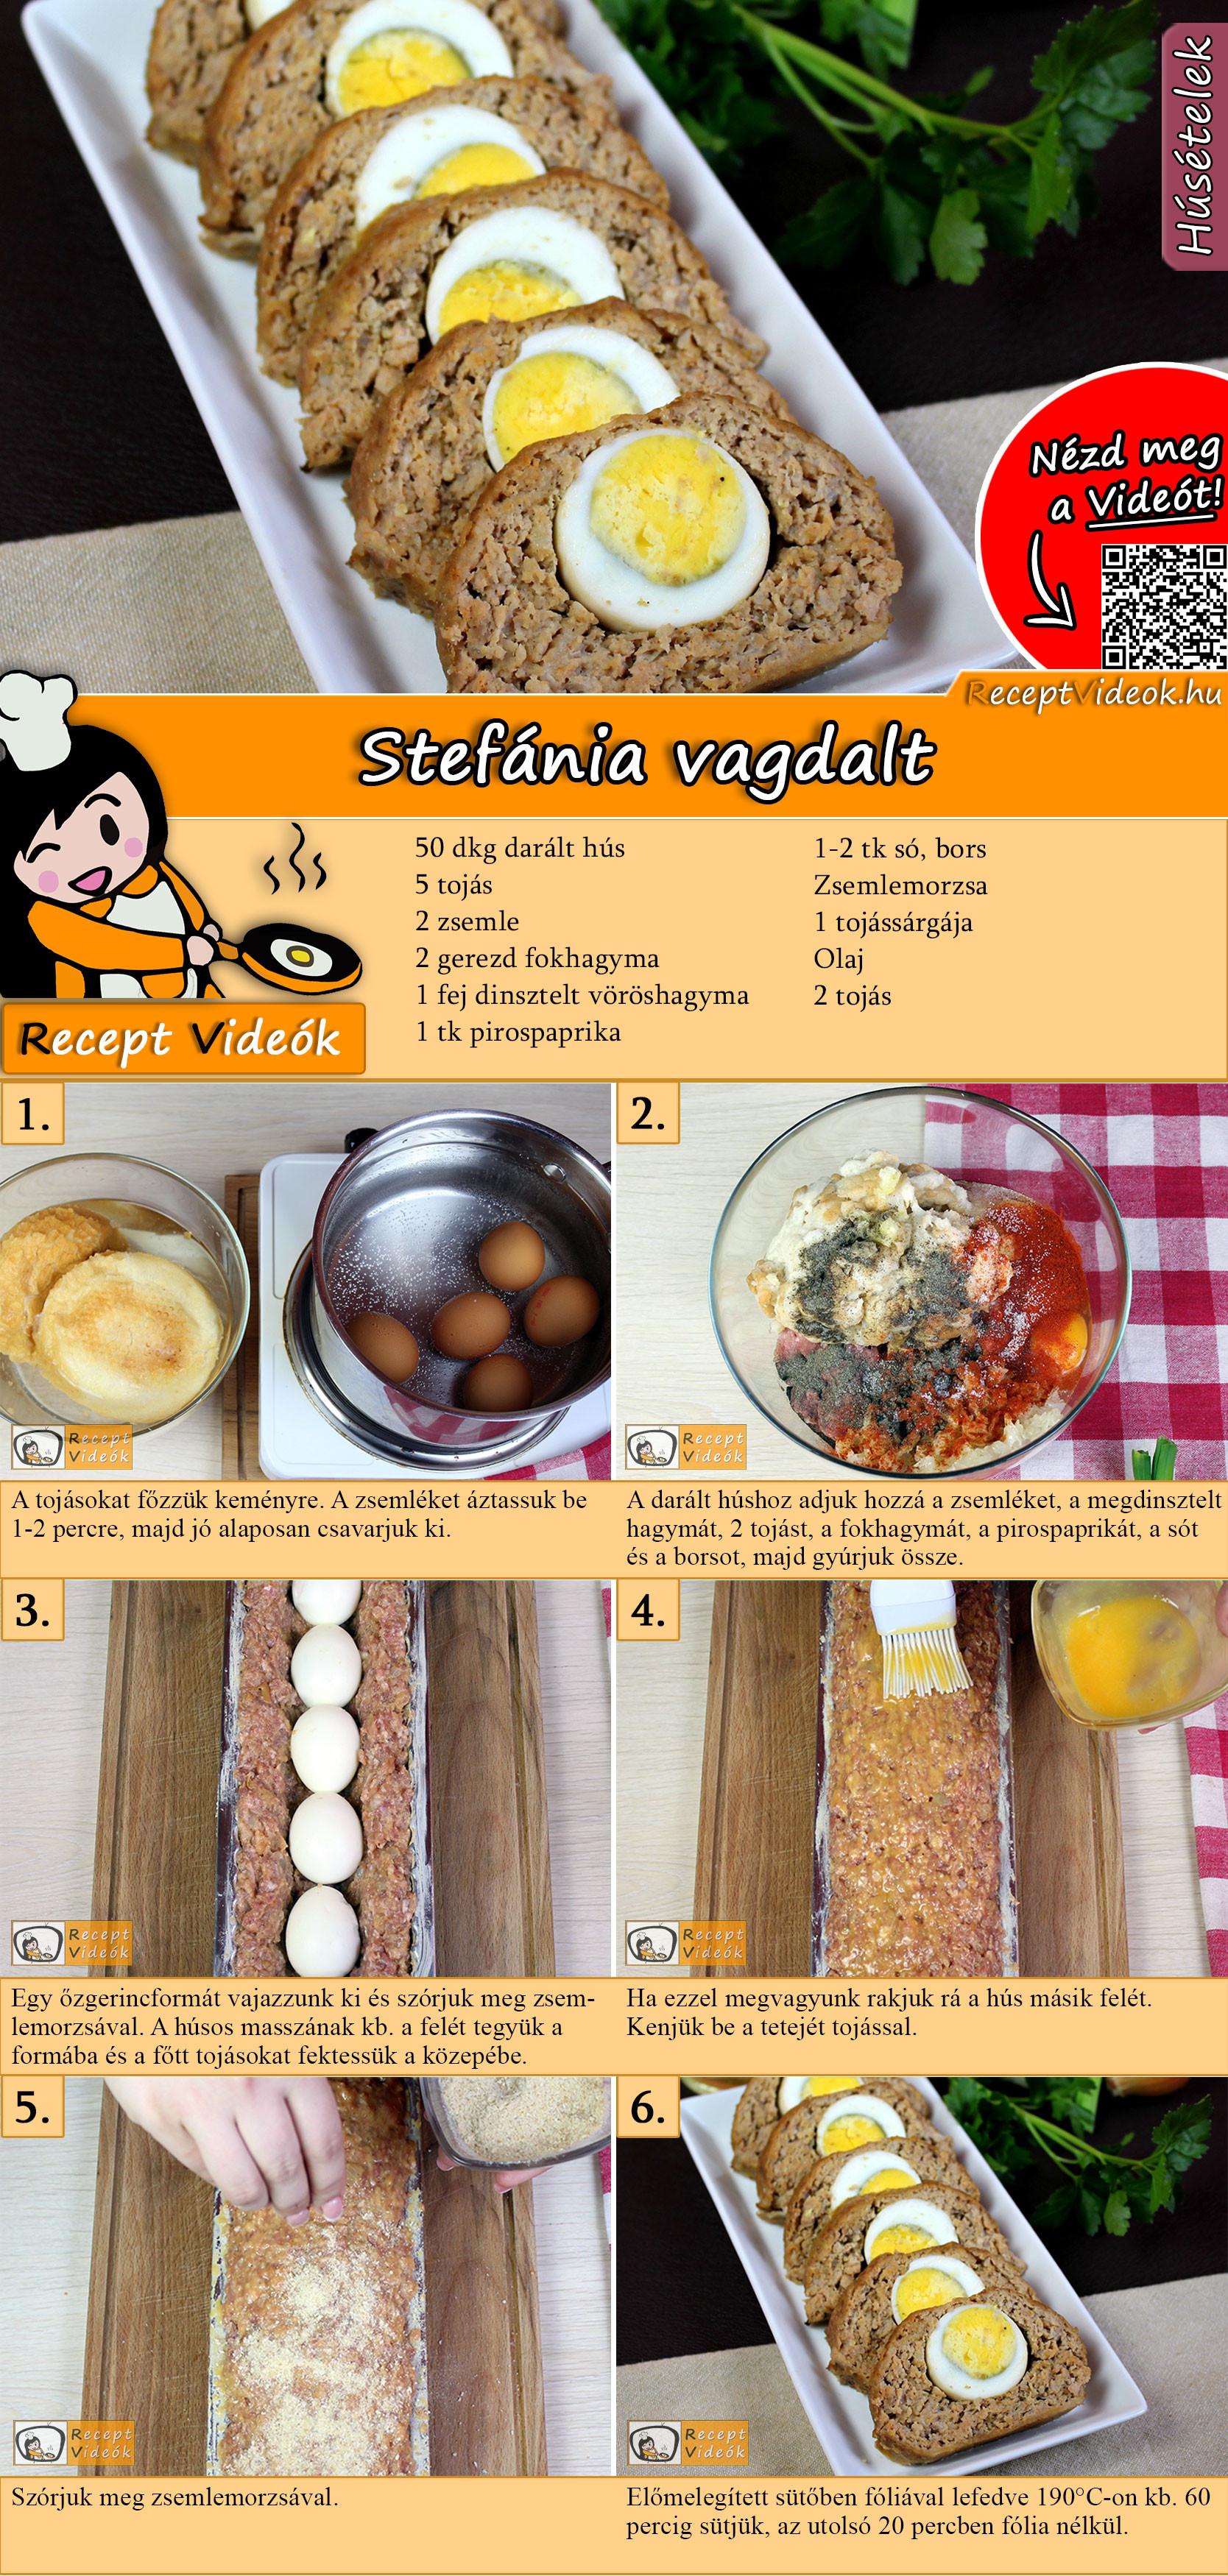 Stefánia vagdalt recept elkészítése videóval